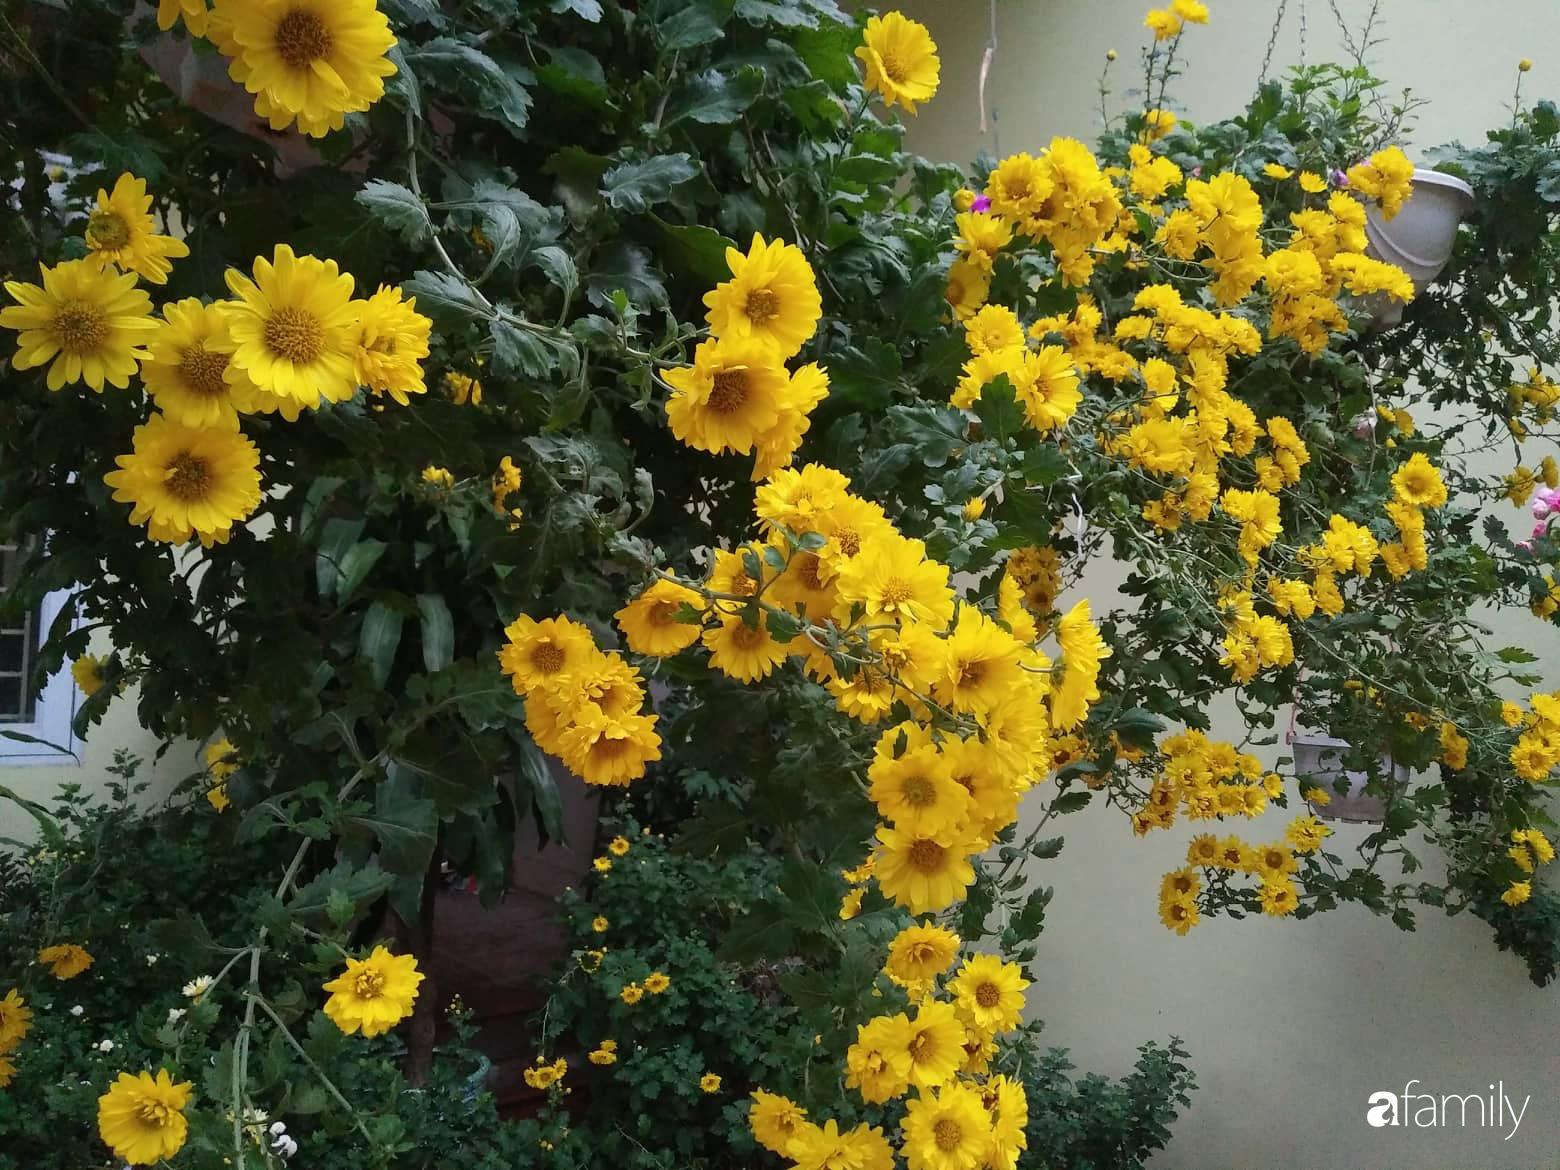 Ban công ngọt ngào gọi mùa xuân đến với những khóm cúc đua nhau khoe sắc ở Vĩnh Phúc - Ảnh 9.